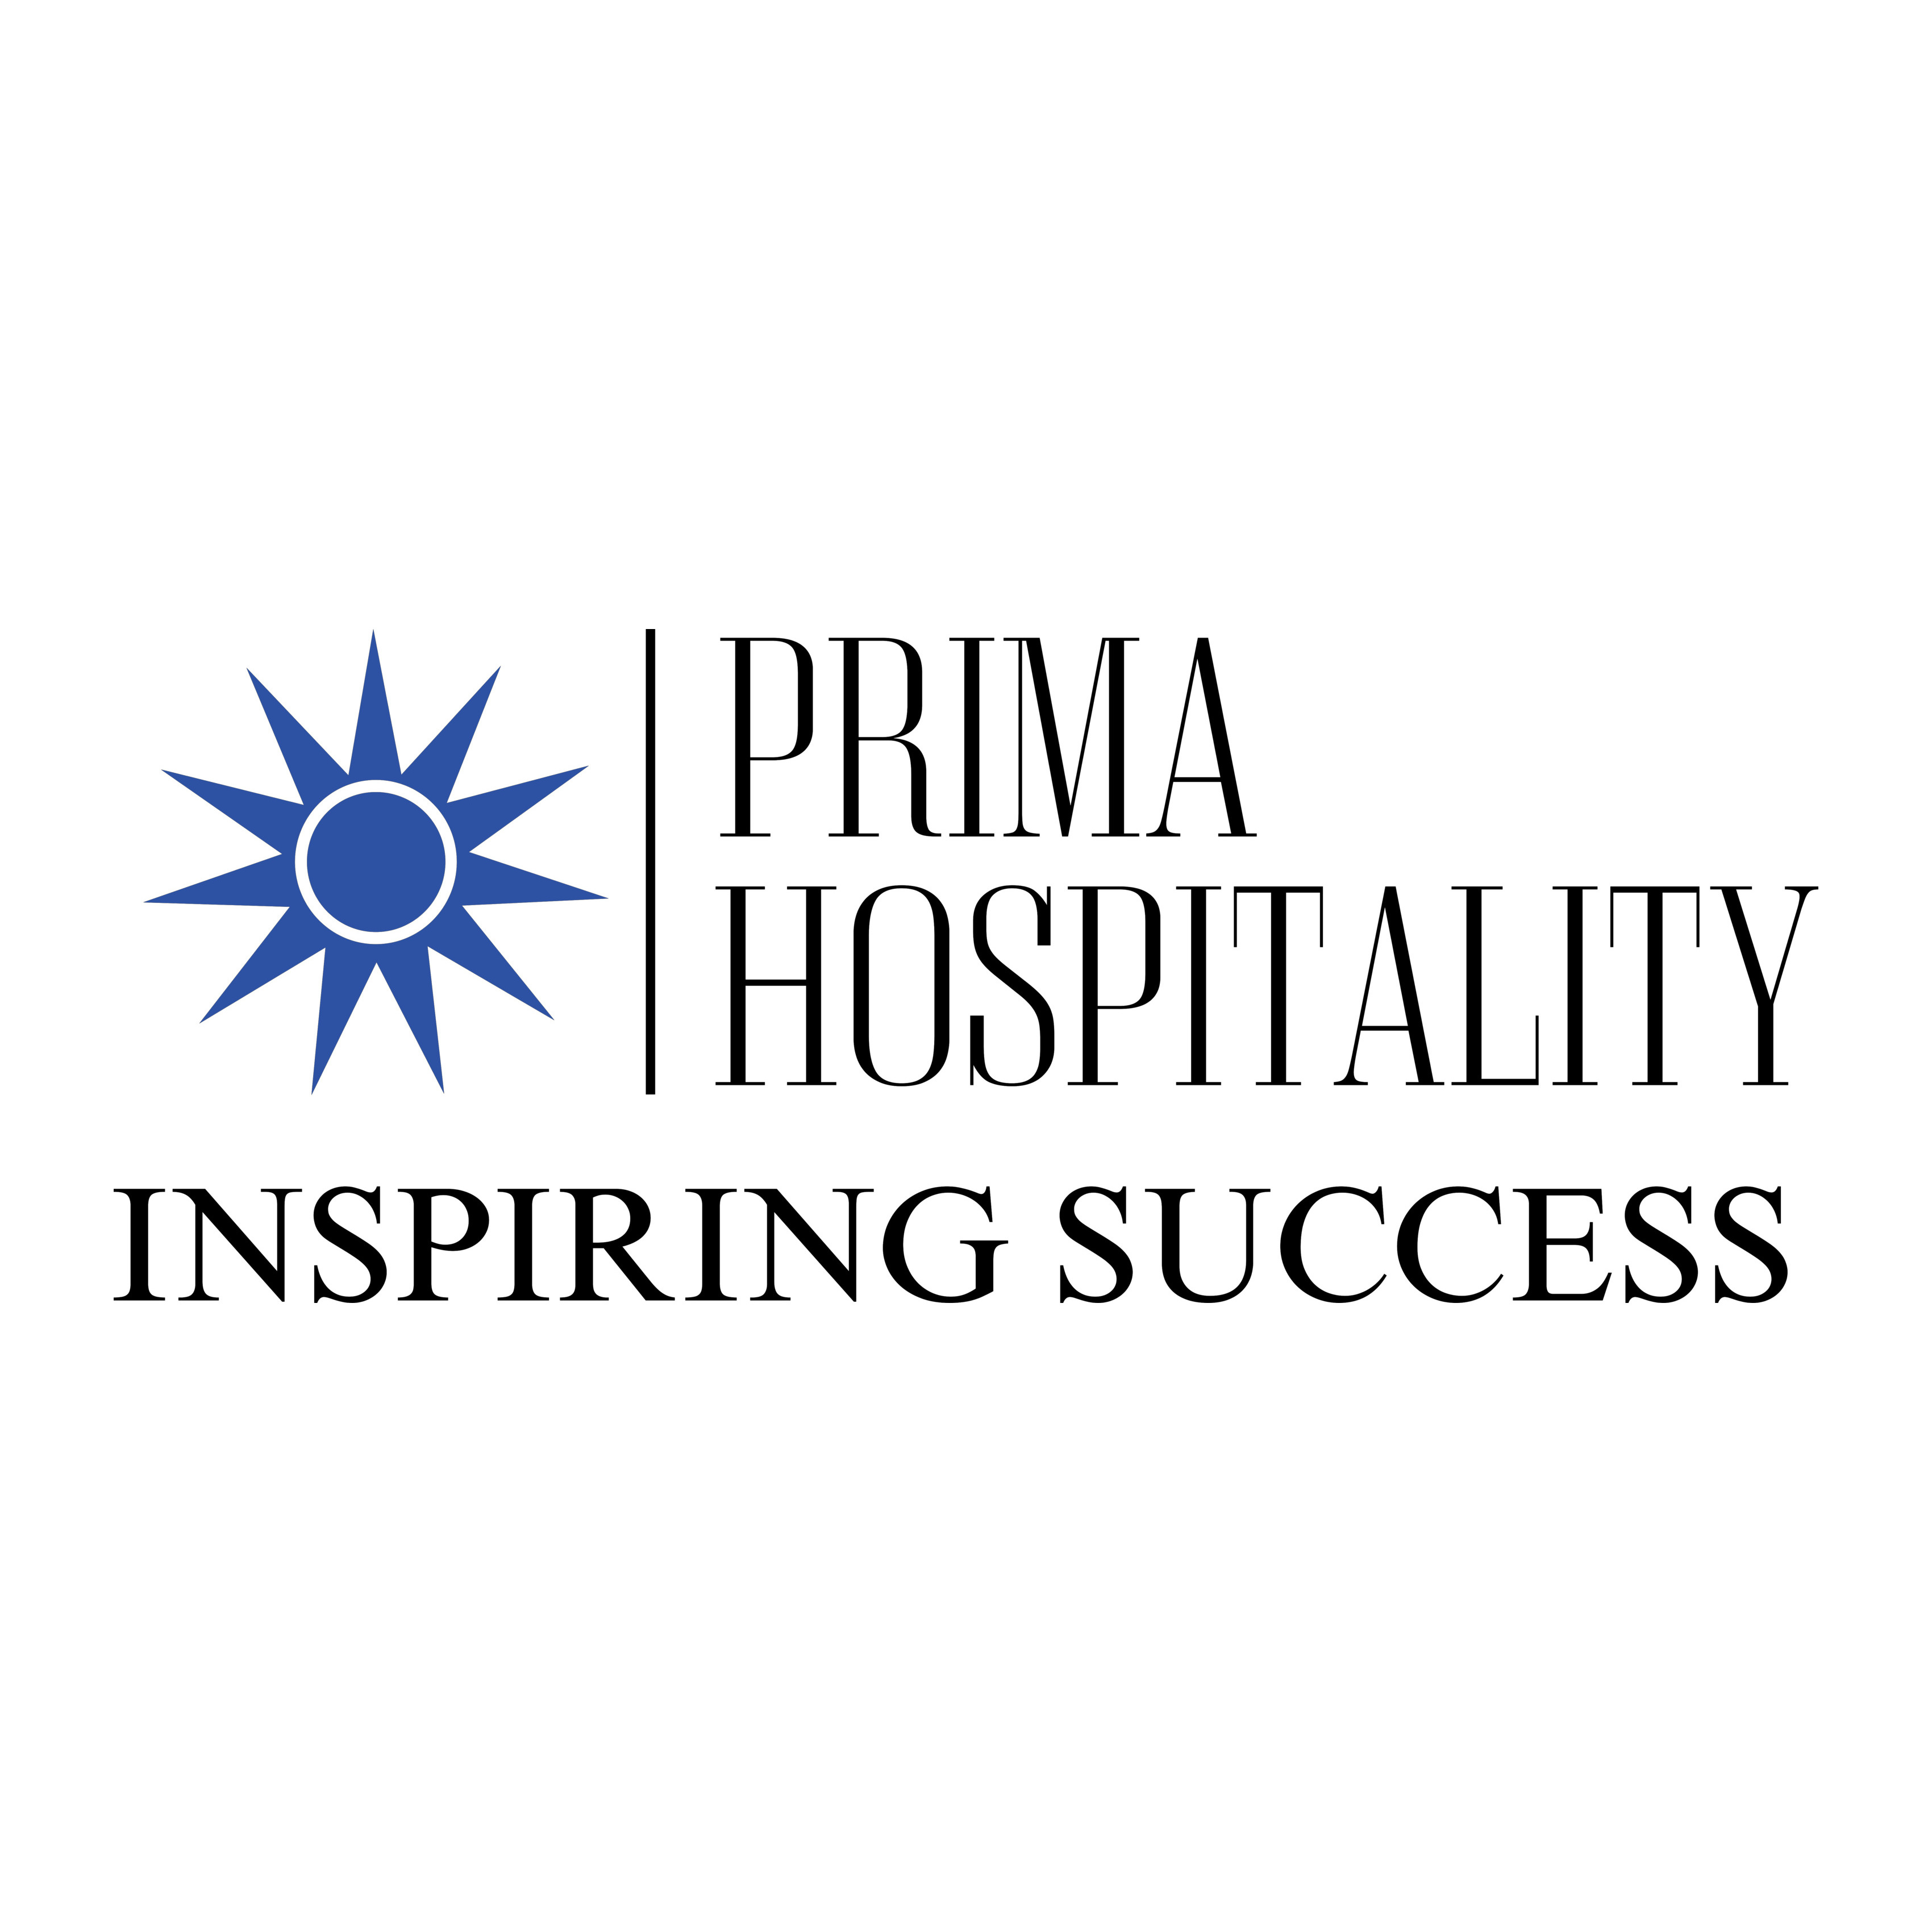 Prima Hospitality